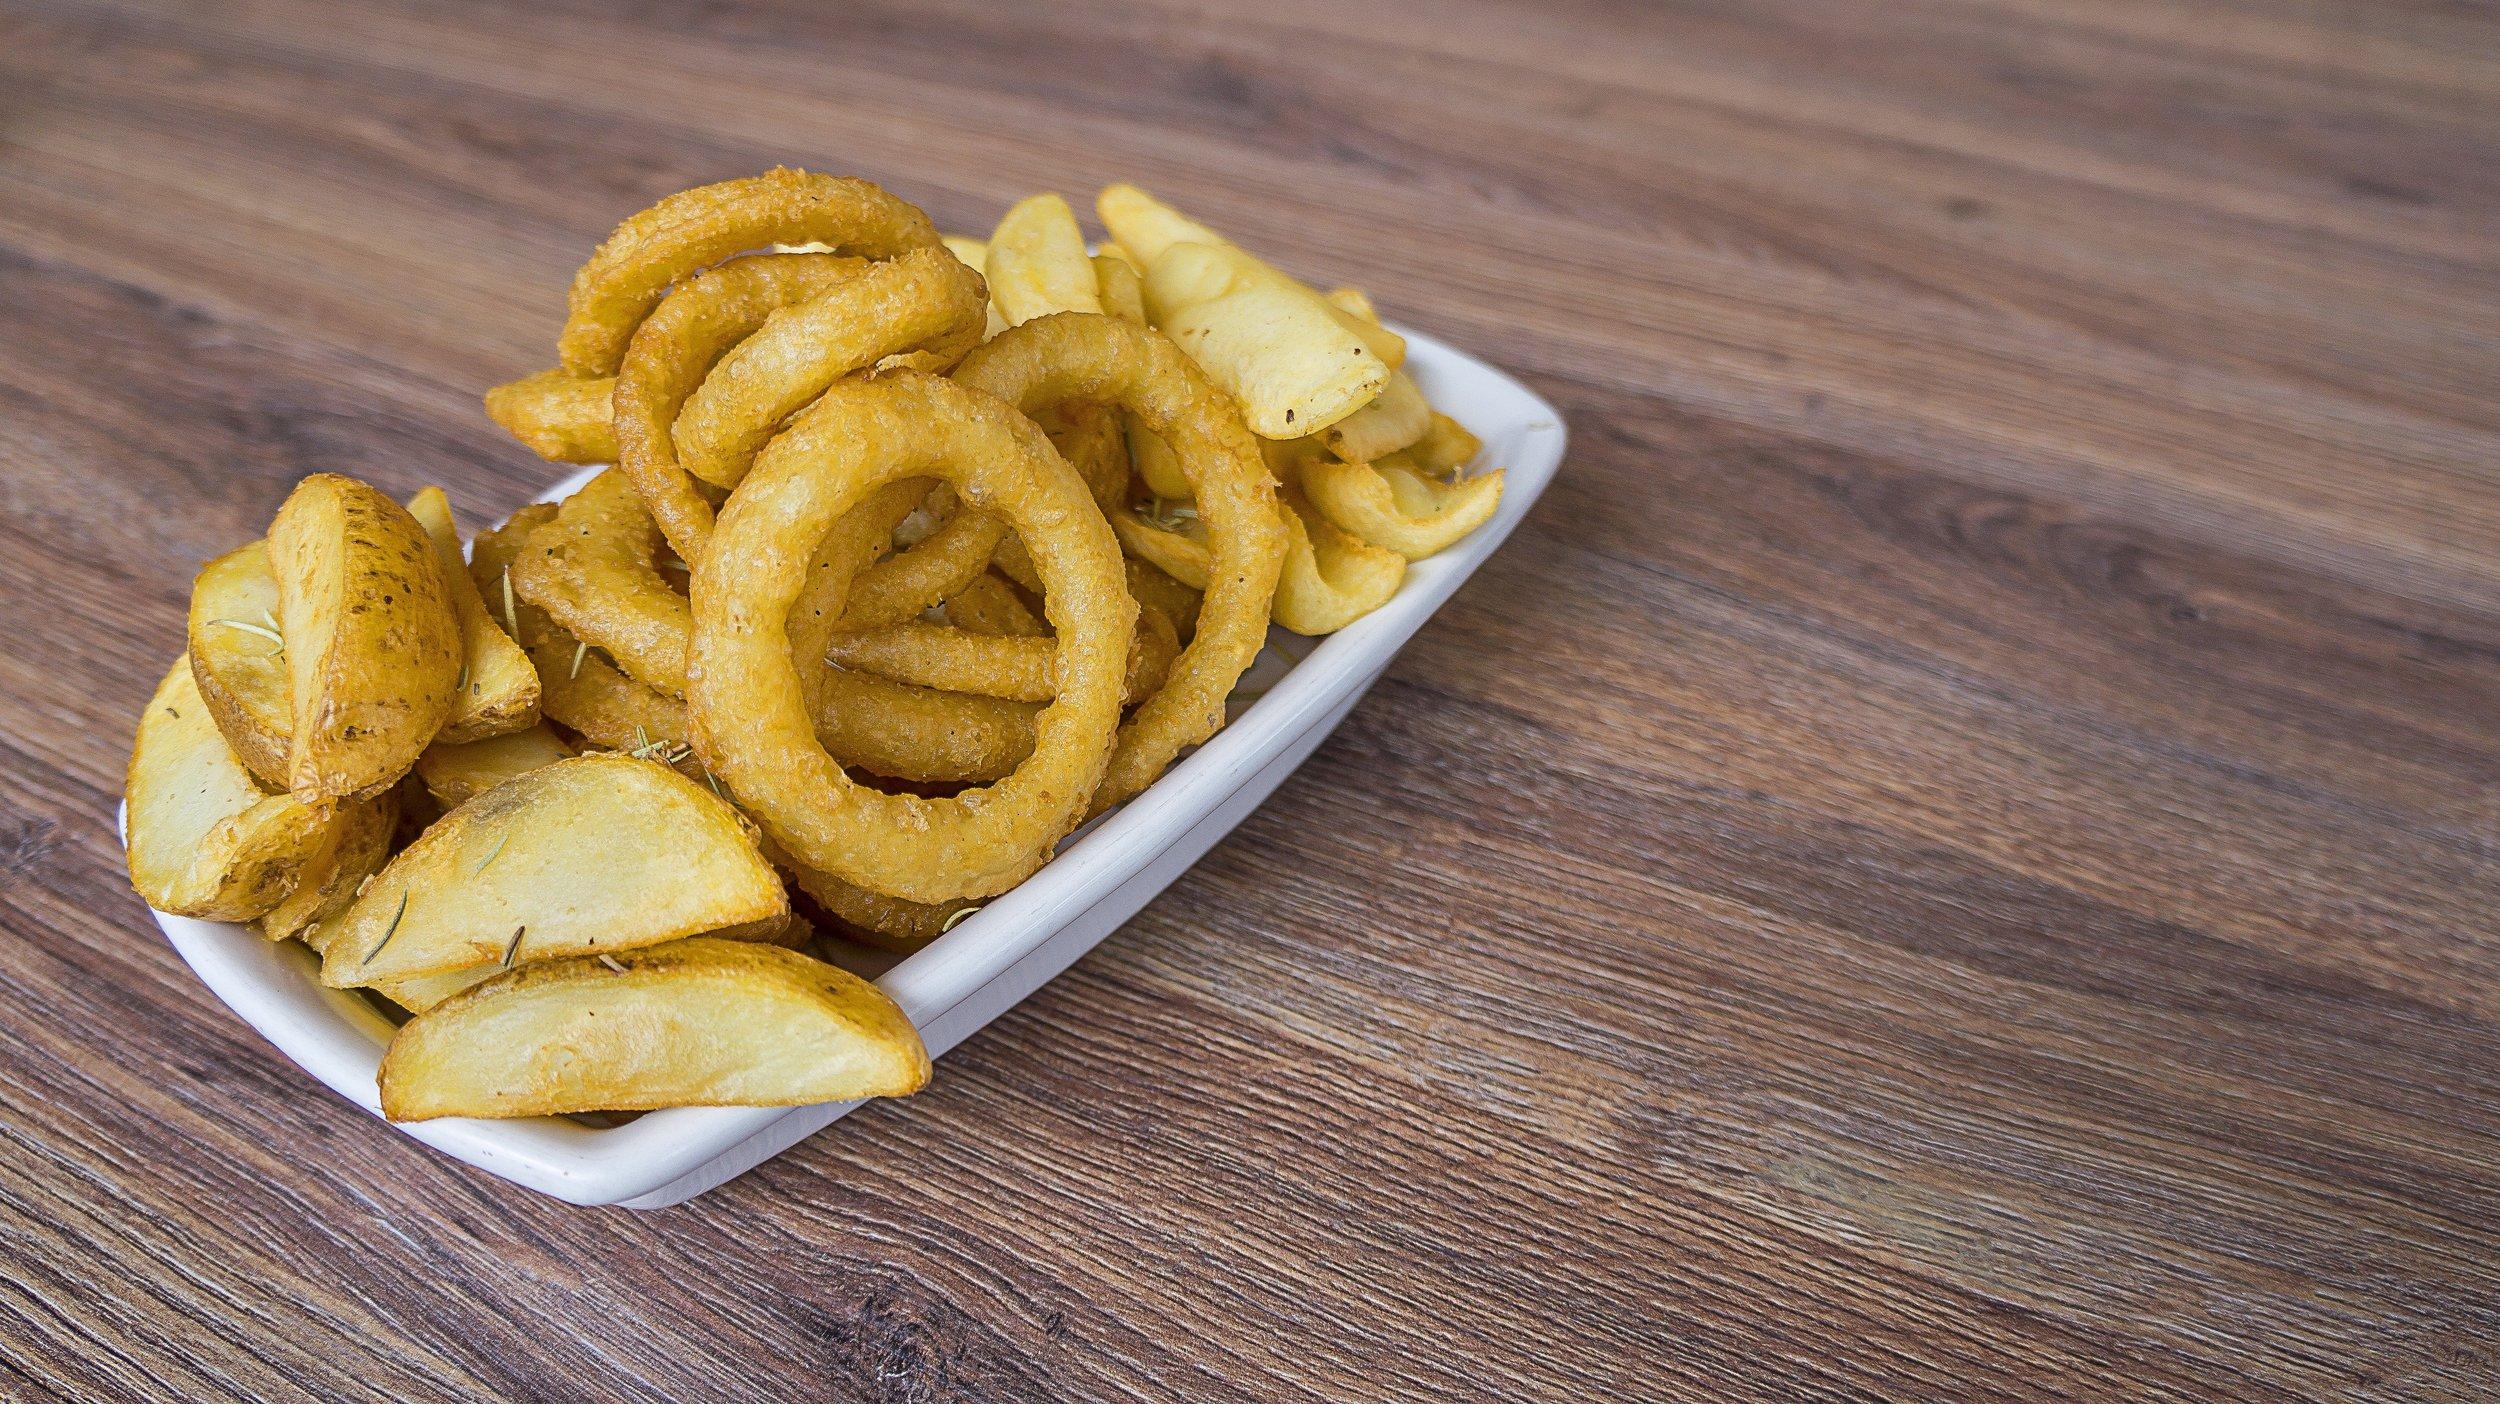 vegan_fried_food.jpg